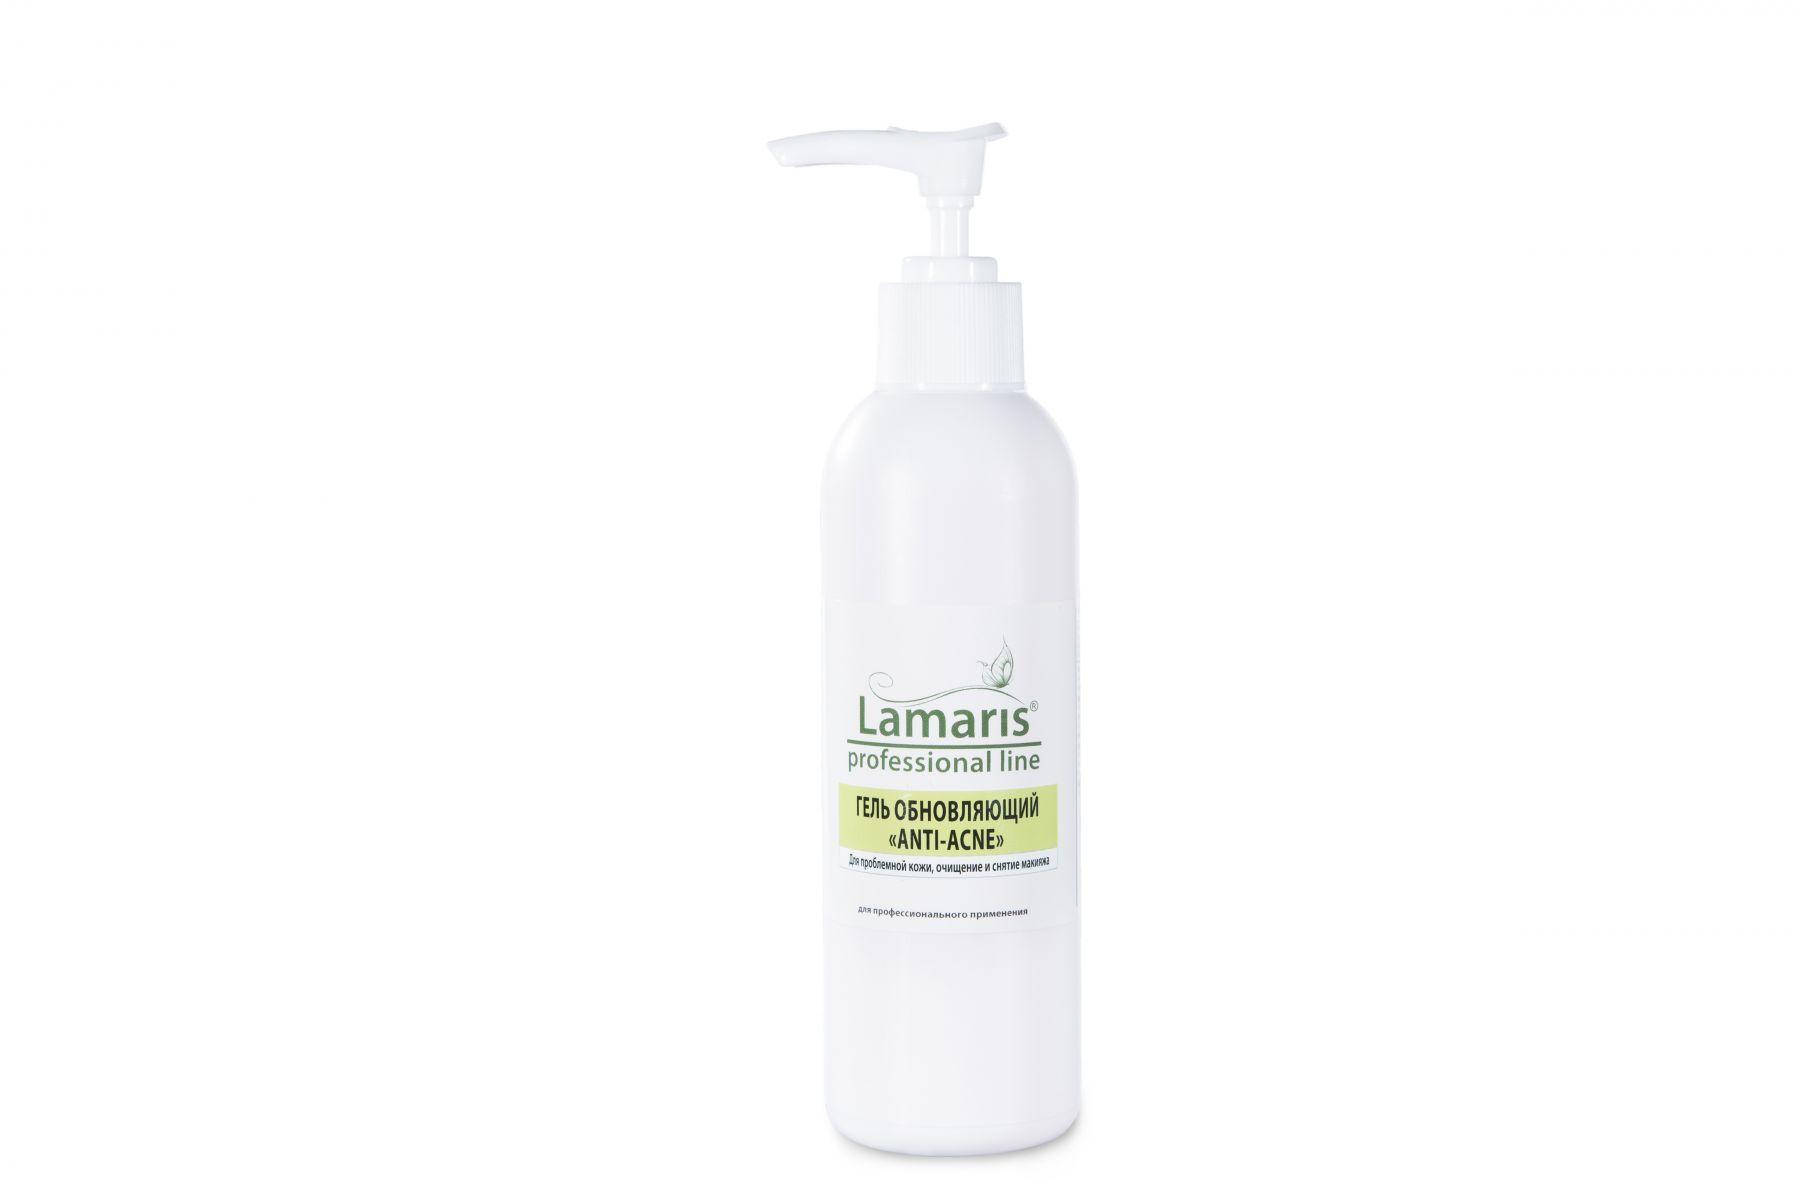 Очищающий гель с маслом чайного дерева ANTI-ACNE Lamaris для проблемной кожи лица - 200, 500 мл